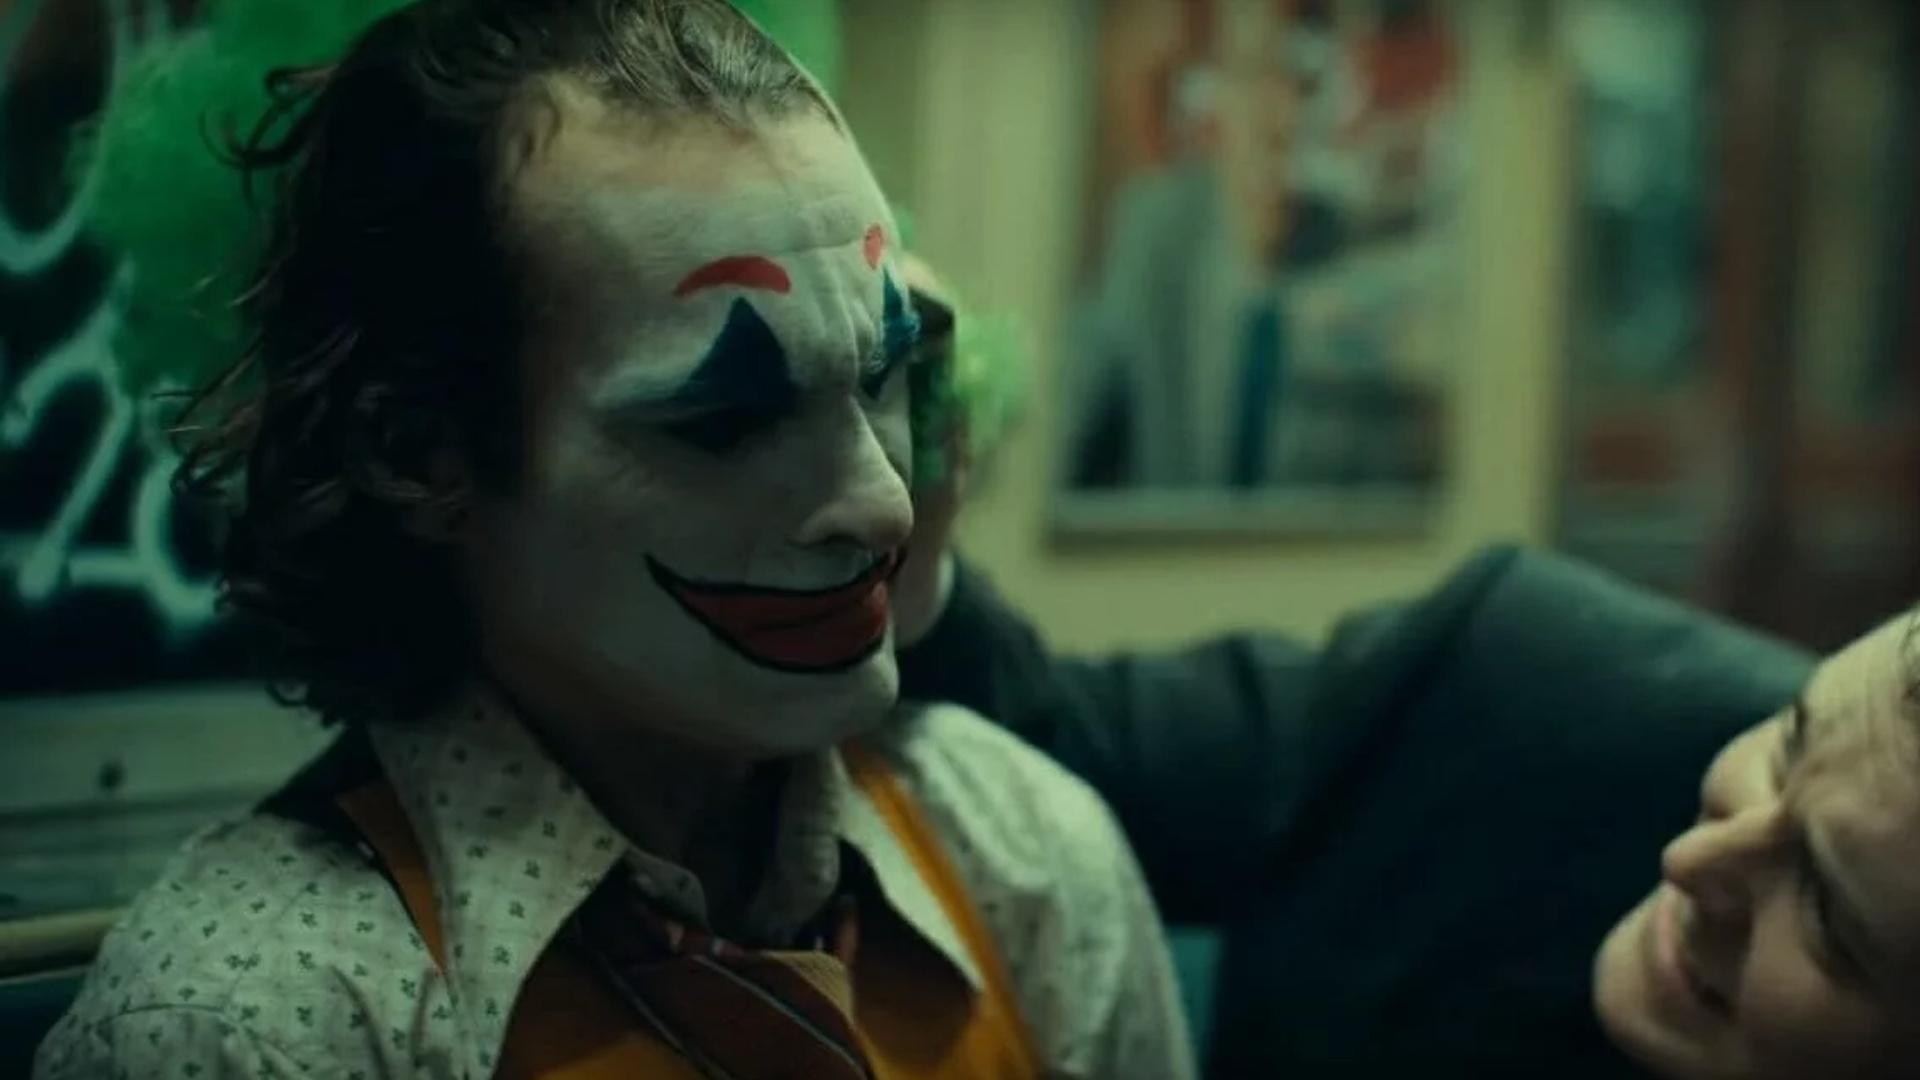 joker-easter-eggs-batman-origins-explained-and-references-social.jpg